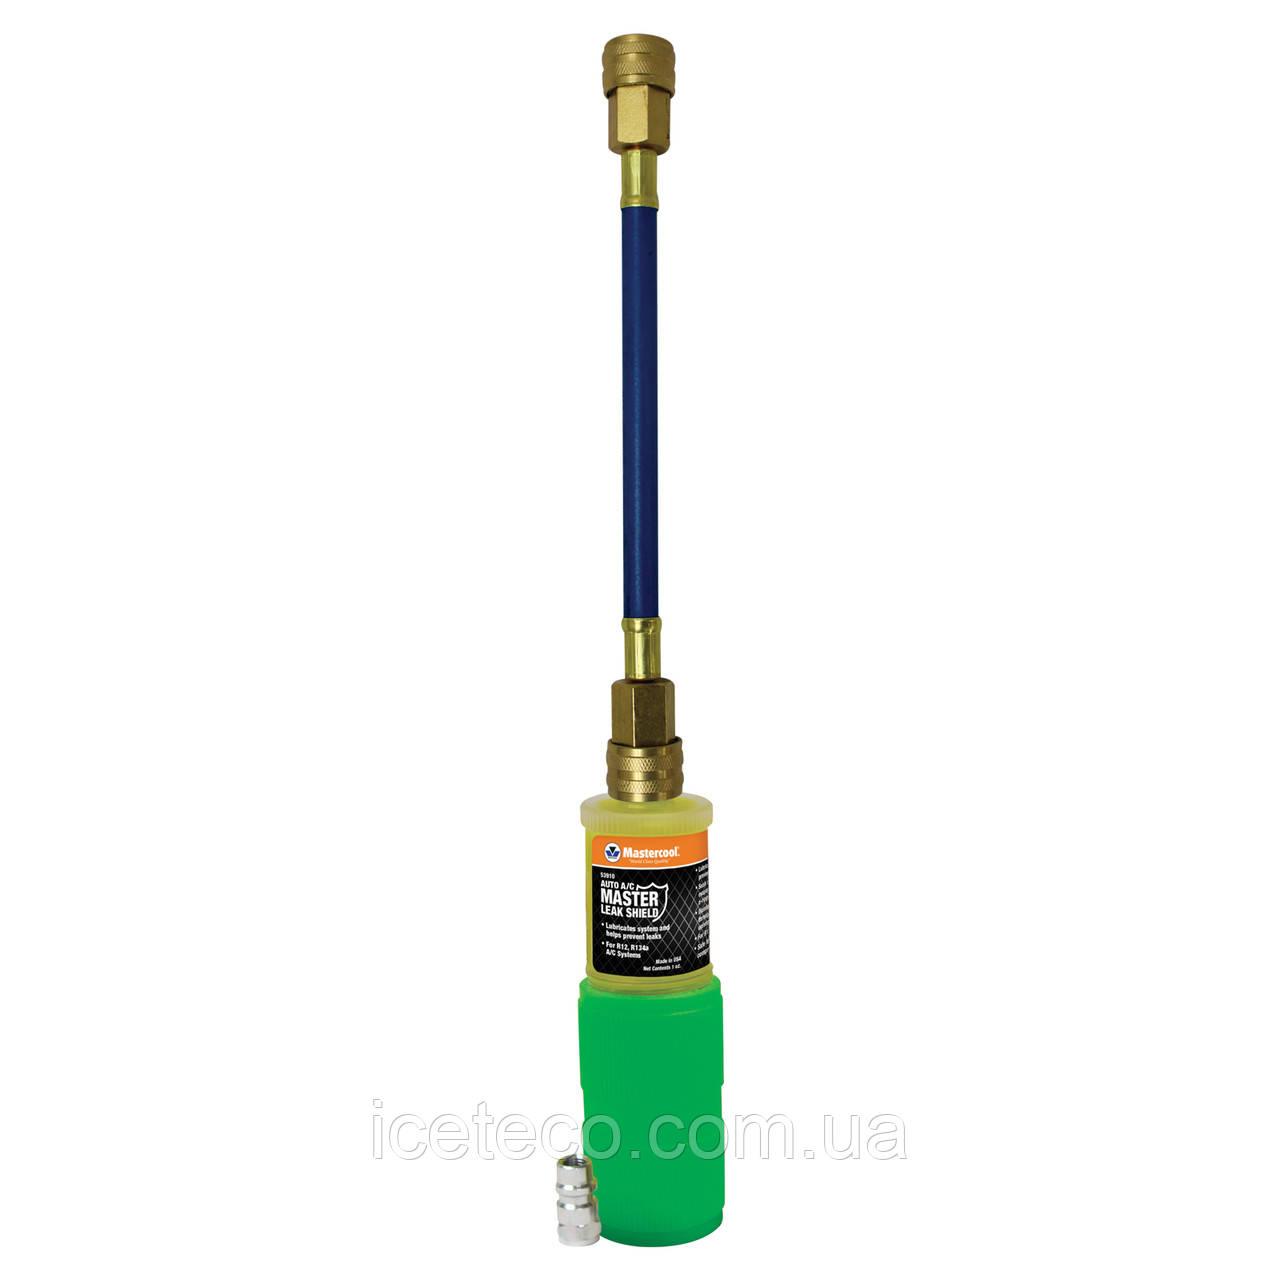 Детектор утечки фреона ультрофиолетовый с герметиком Master Leak Sheld в системе A/C МС 53909 Mastercool